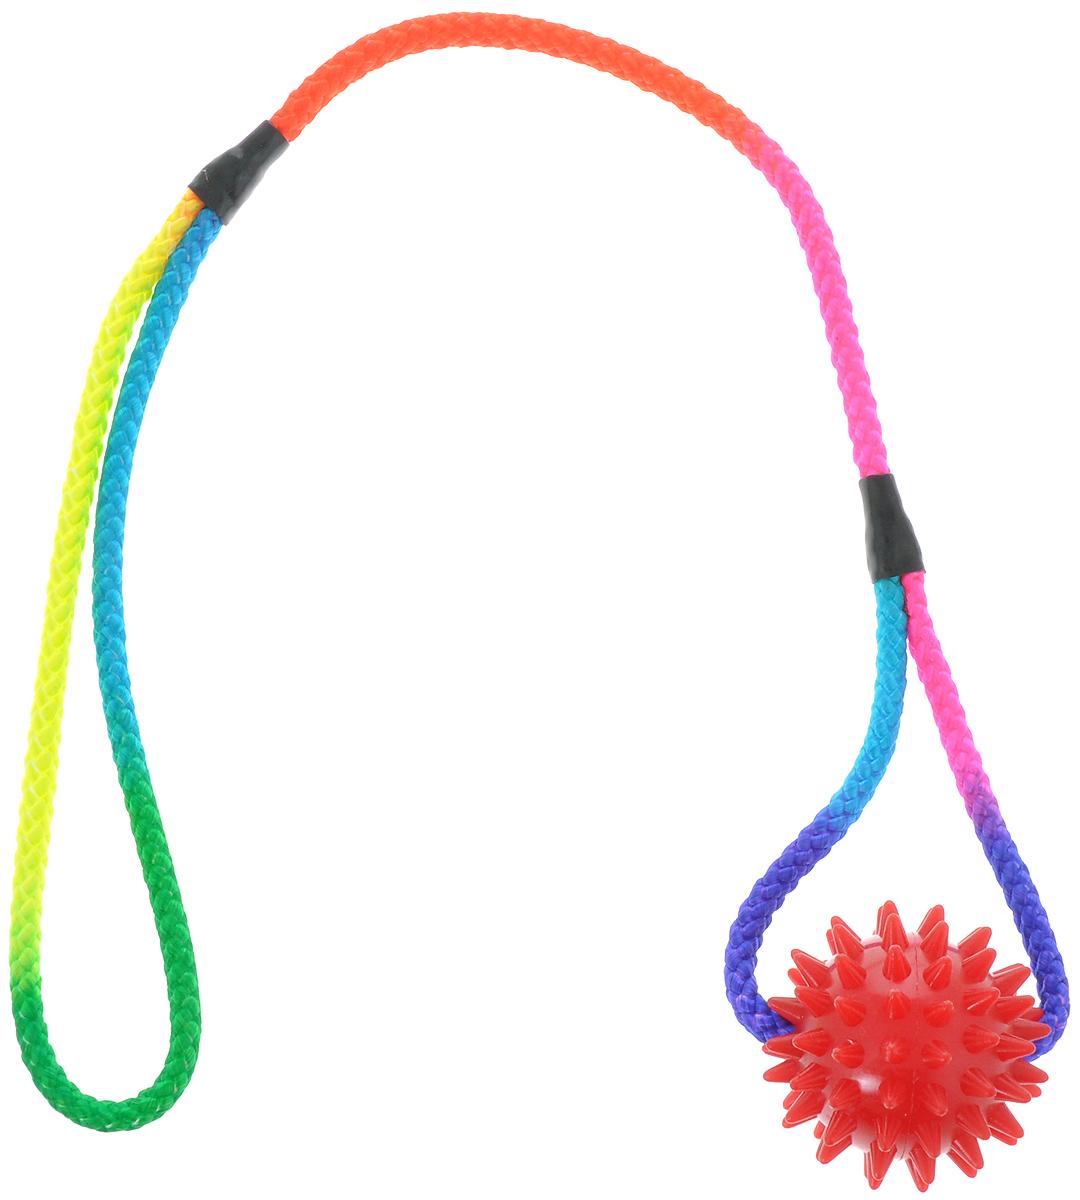 Игрушка для собак V.I.Pet Массажный мяч, на шнуре, цвет: красный, диаметр 5,5 см770550_красныйИгрушка для собак V.I.Pet Массажный мяч, изготовленная из ПВХ, предназначенадля массажа и самомассажа рефлексогенных зон. Она имеет мягкие закругленныемассажные шипы, эффективно массирующие и не травмирующие кожу. Сквозь мяч продет шнур.Игрушка не позволит скучать вашему питомцу ни дома, ни на улице.Диаметр: 5,5 см.Длина шнура: 50 см.